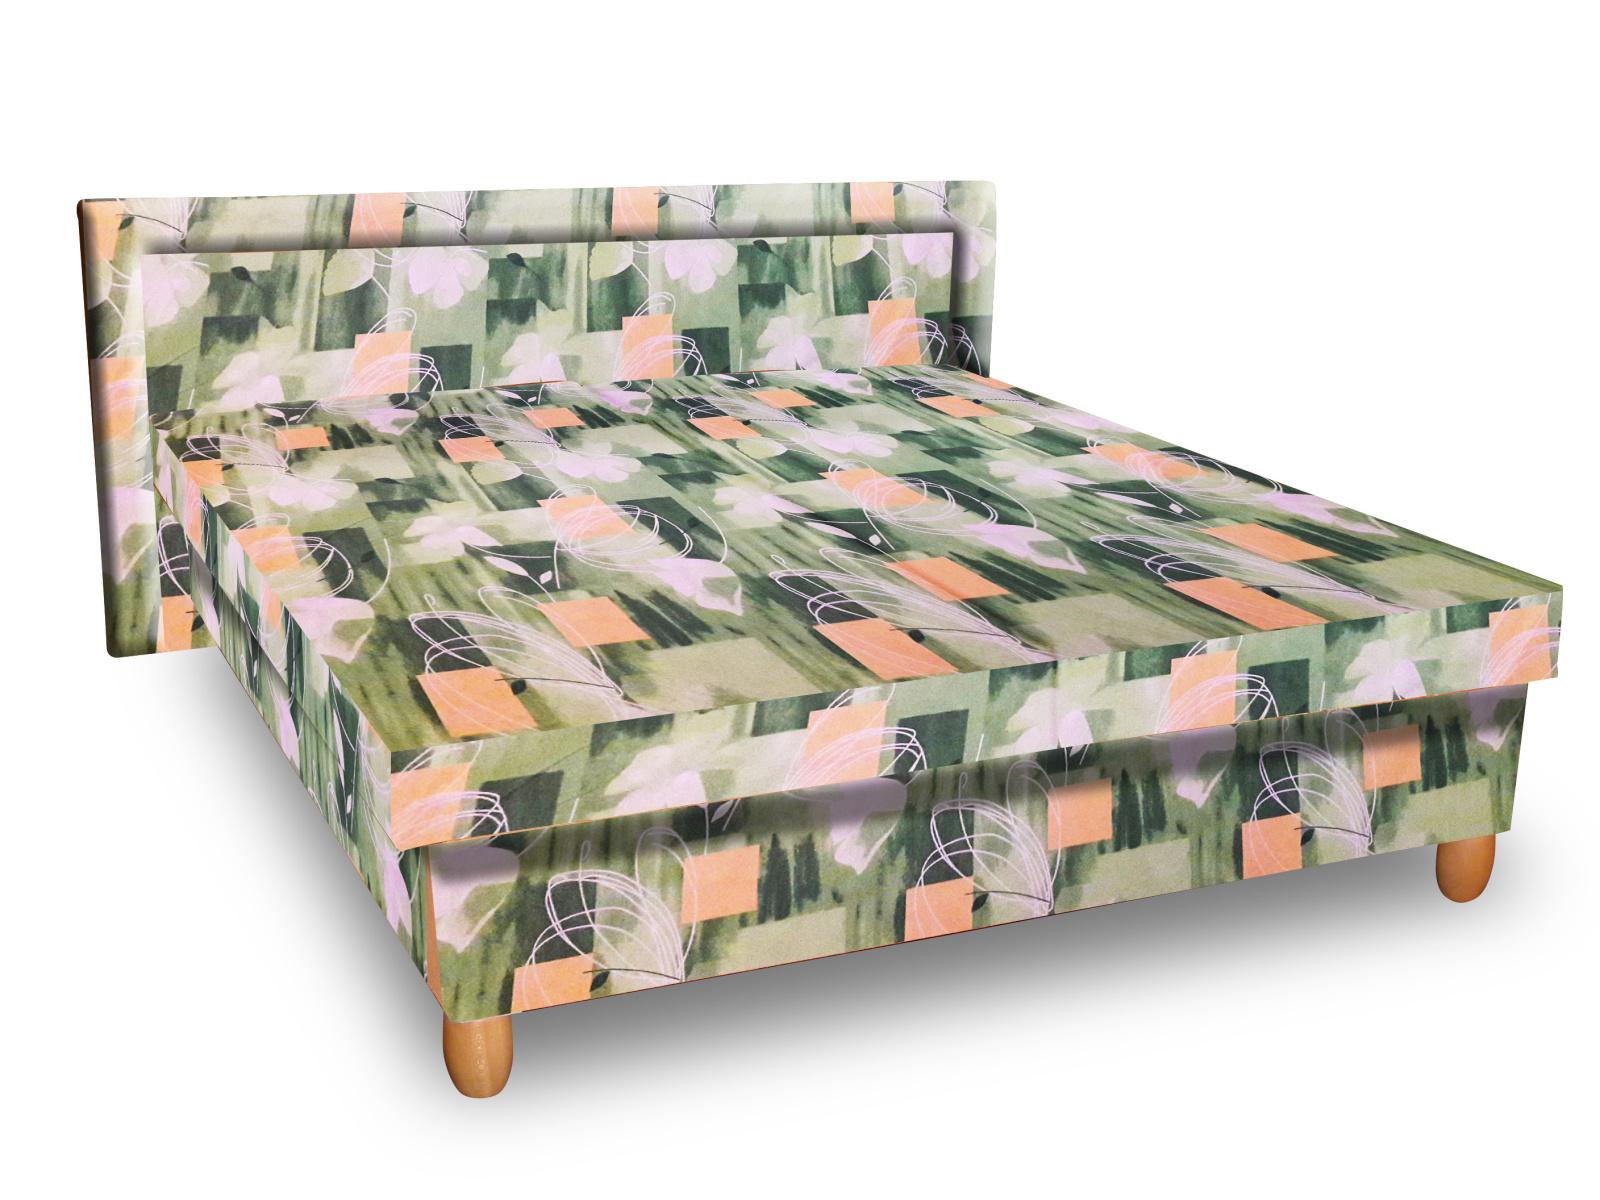 Smartshop Čalouněná postel IVA 140x200 cm, zelená látka